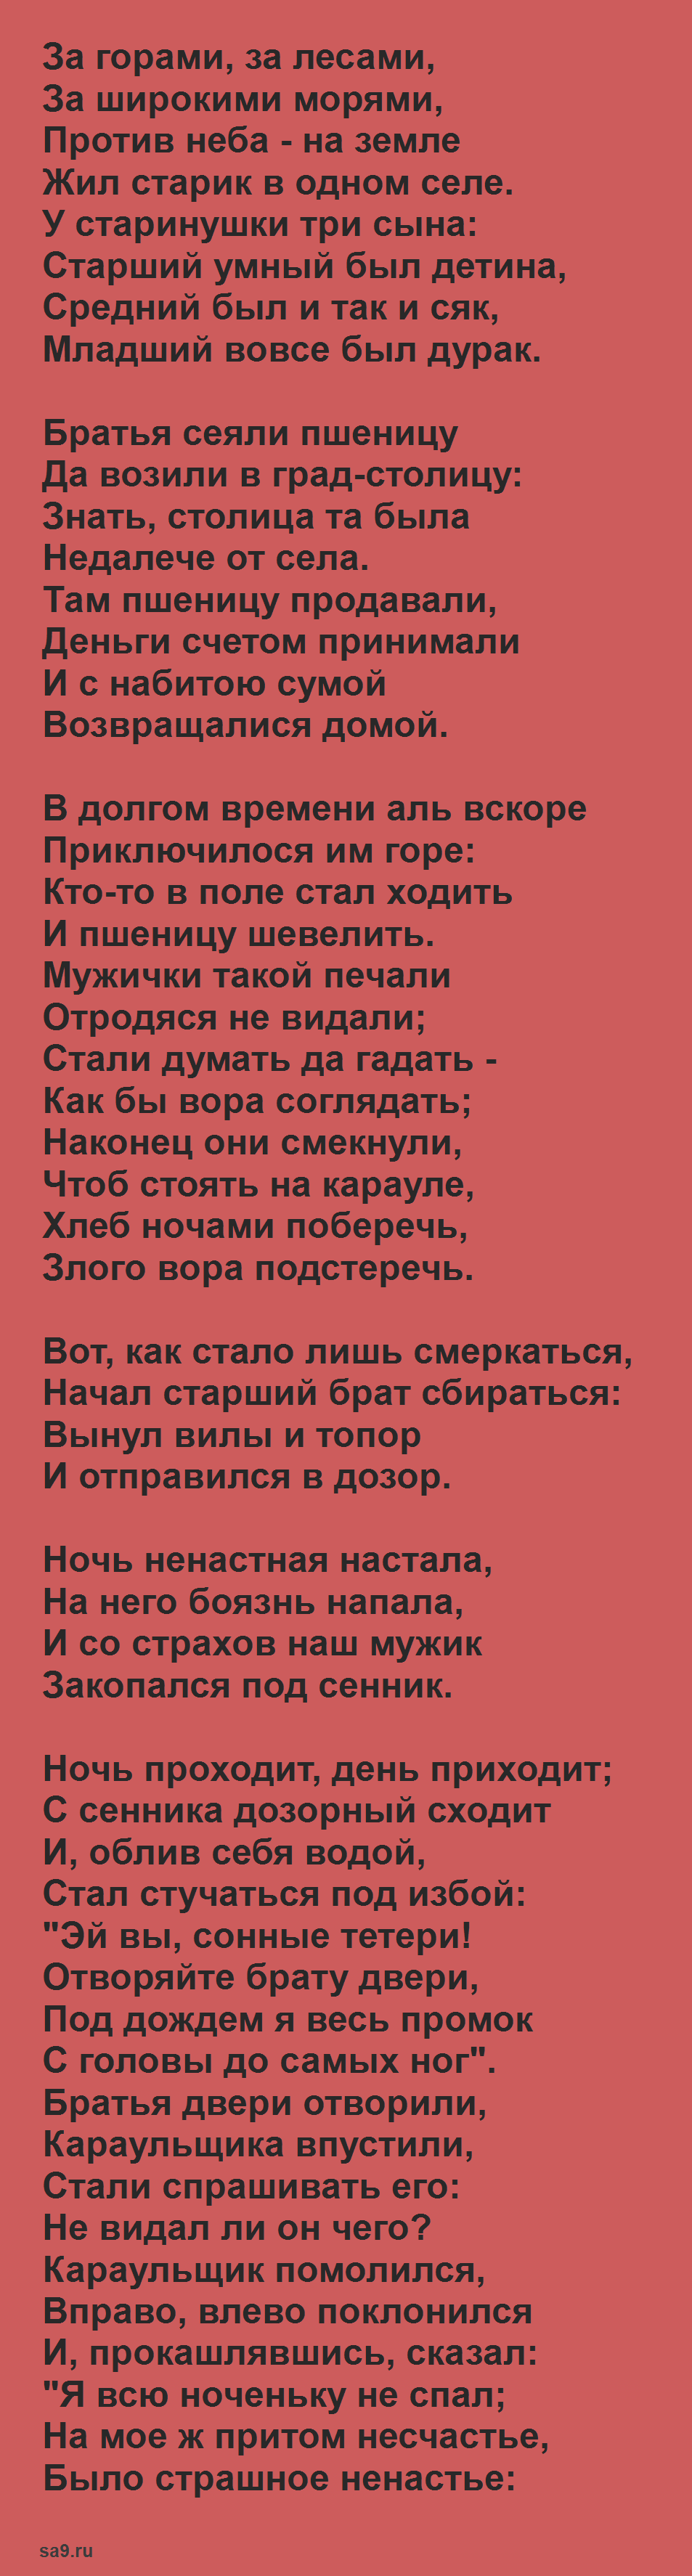 Конек-Горбунок, сказка для детей